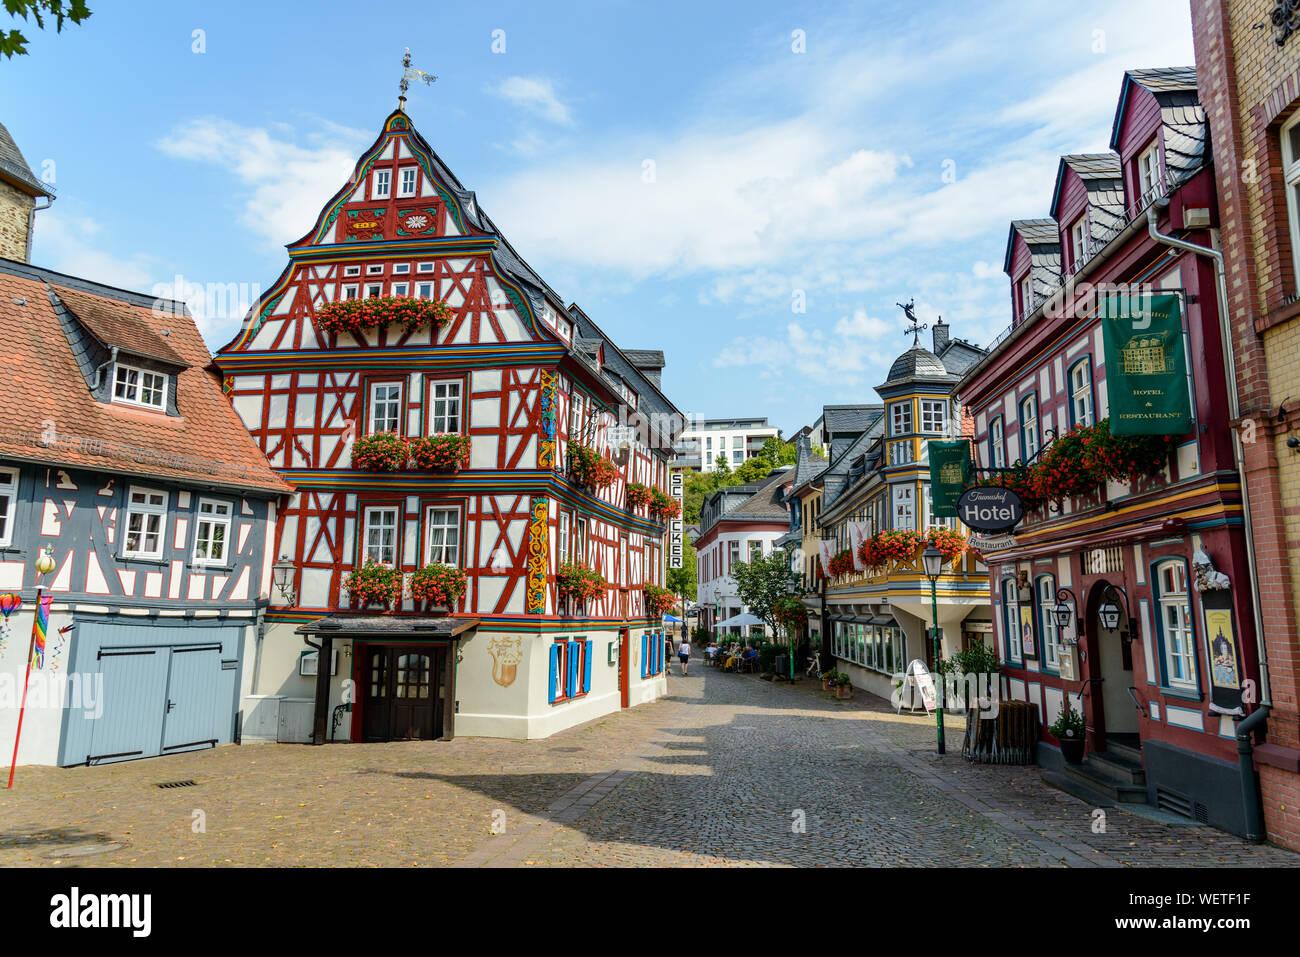 El 29 de agosto de 2019: el colorido de entramados (Fachwerkhaus) casas, casas, hotel, restaurante cercano mercado de Idstein, Hessen (Hesse), Alemania. Cerca Foto de stock